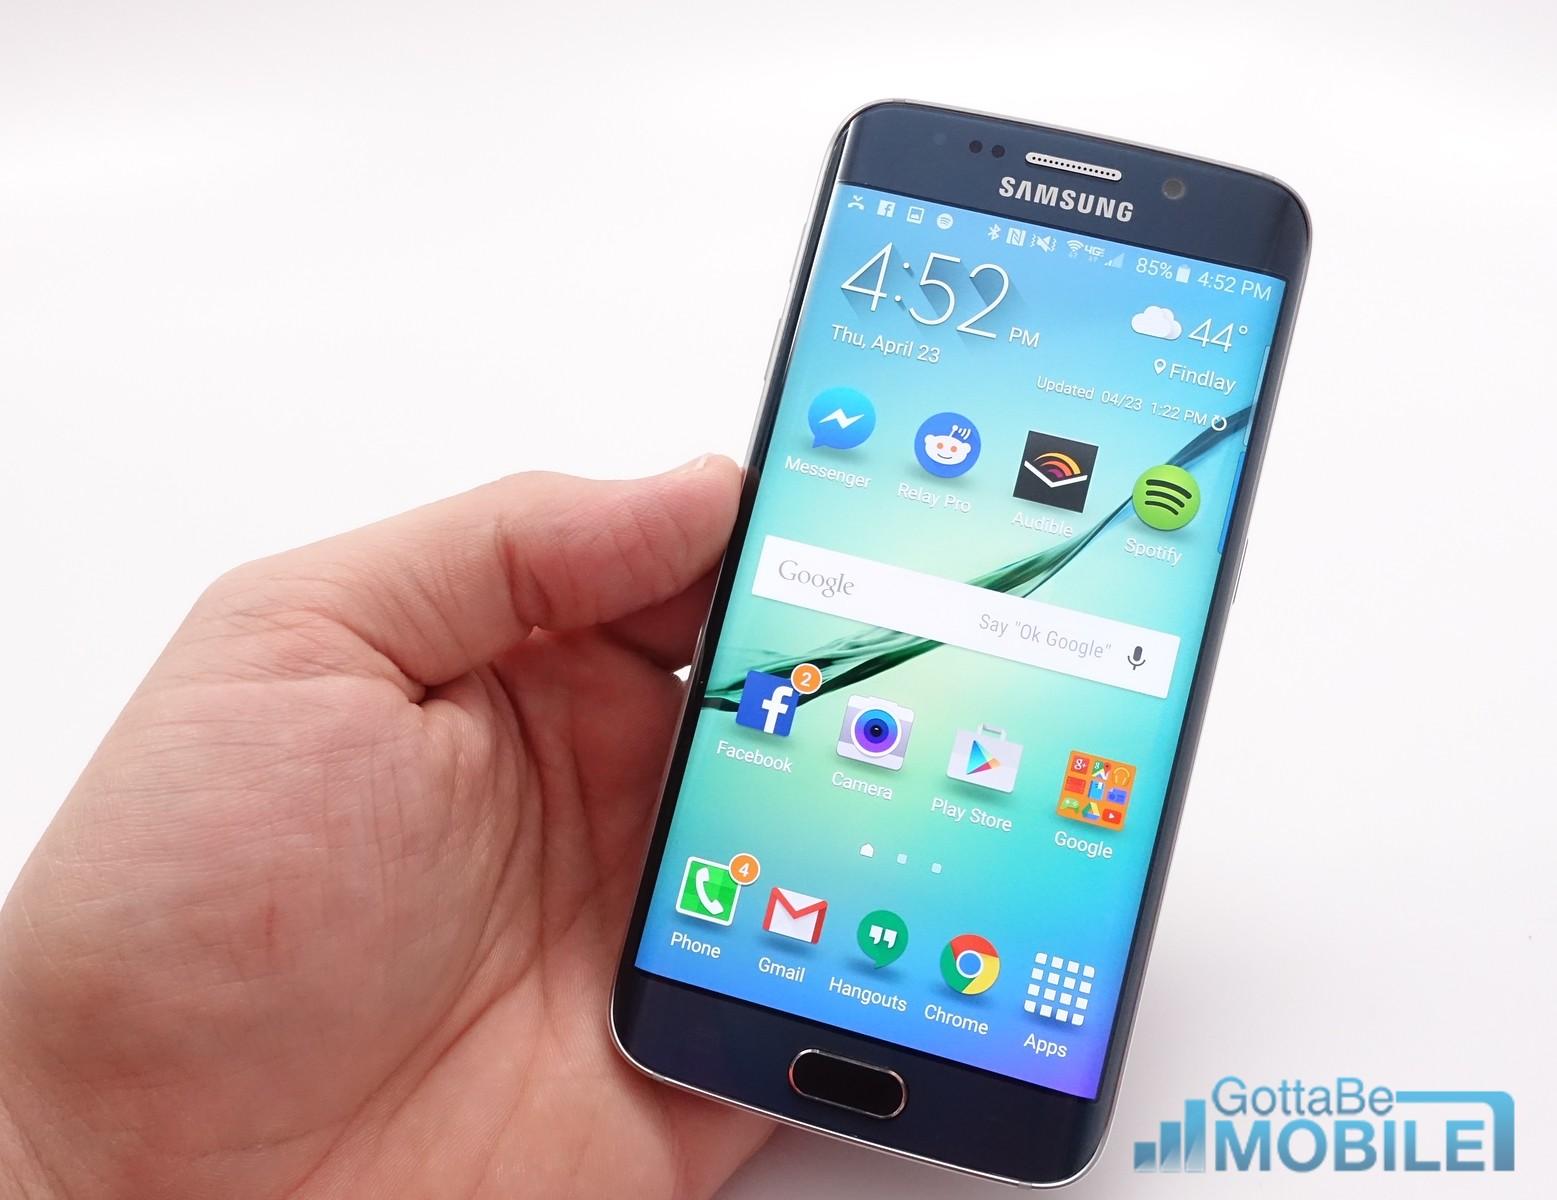 Programvaran Galaxy S6 Edge är enkel att använda och trevligare än tidigare modeller.